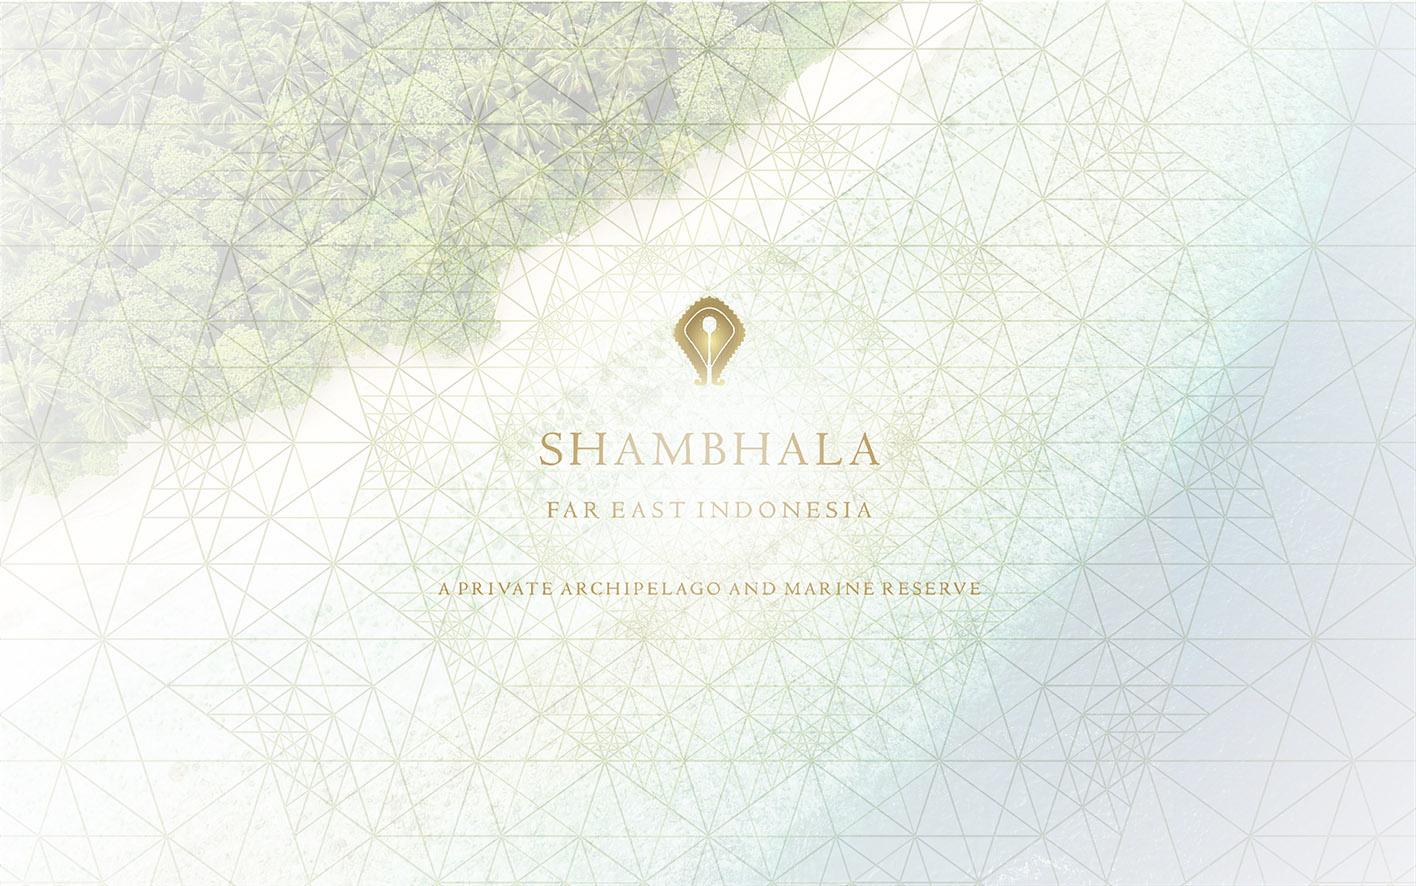 Shambhalabioarc Presentation(35).jpg